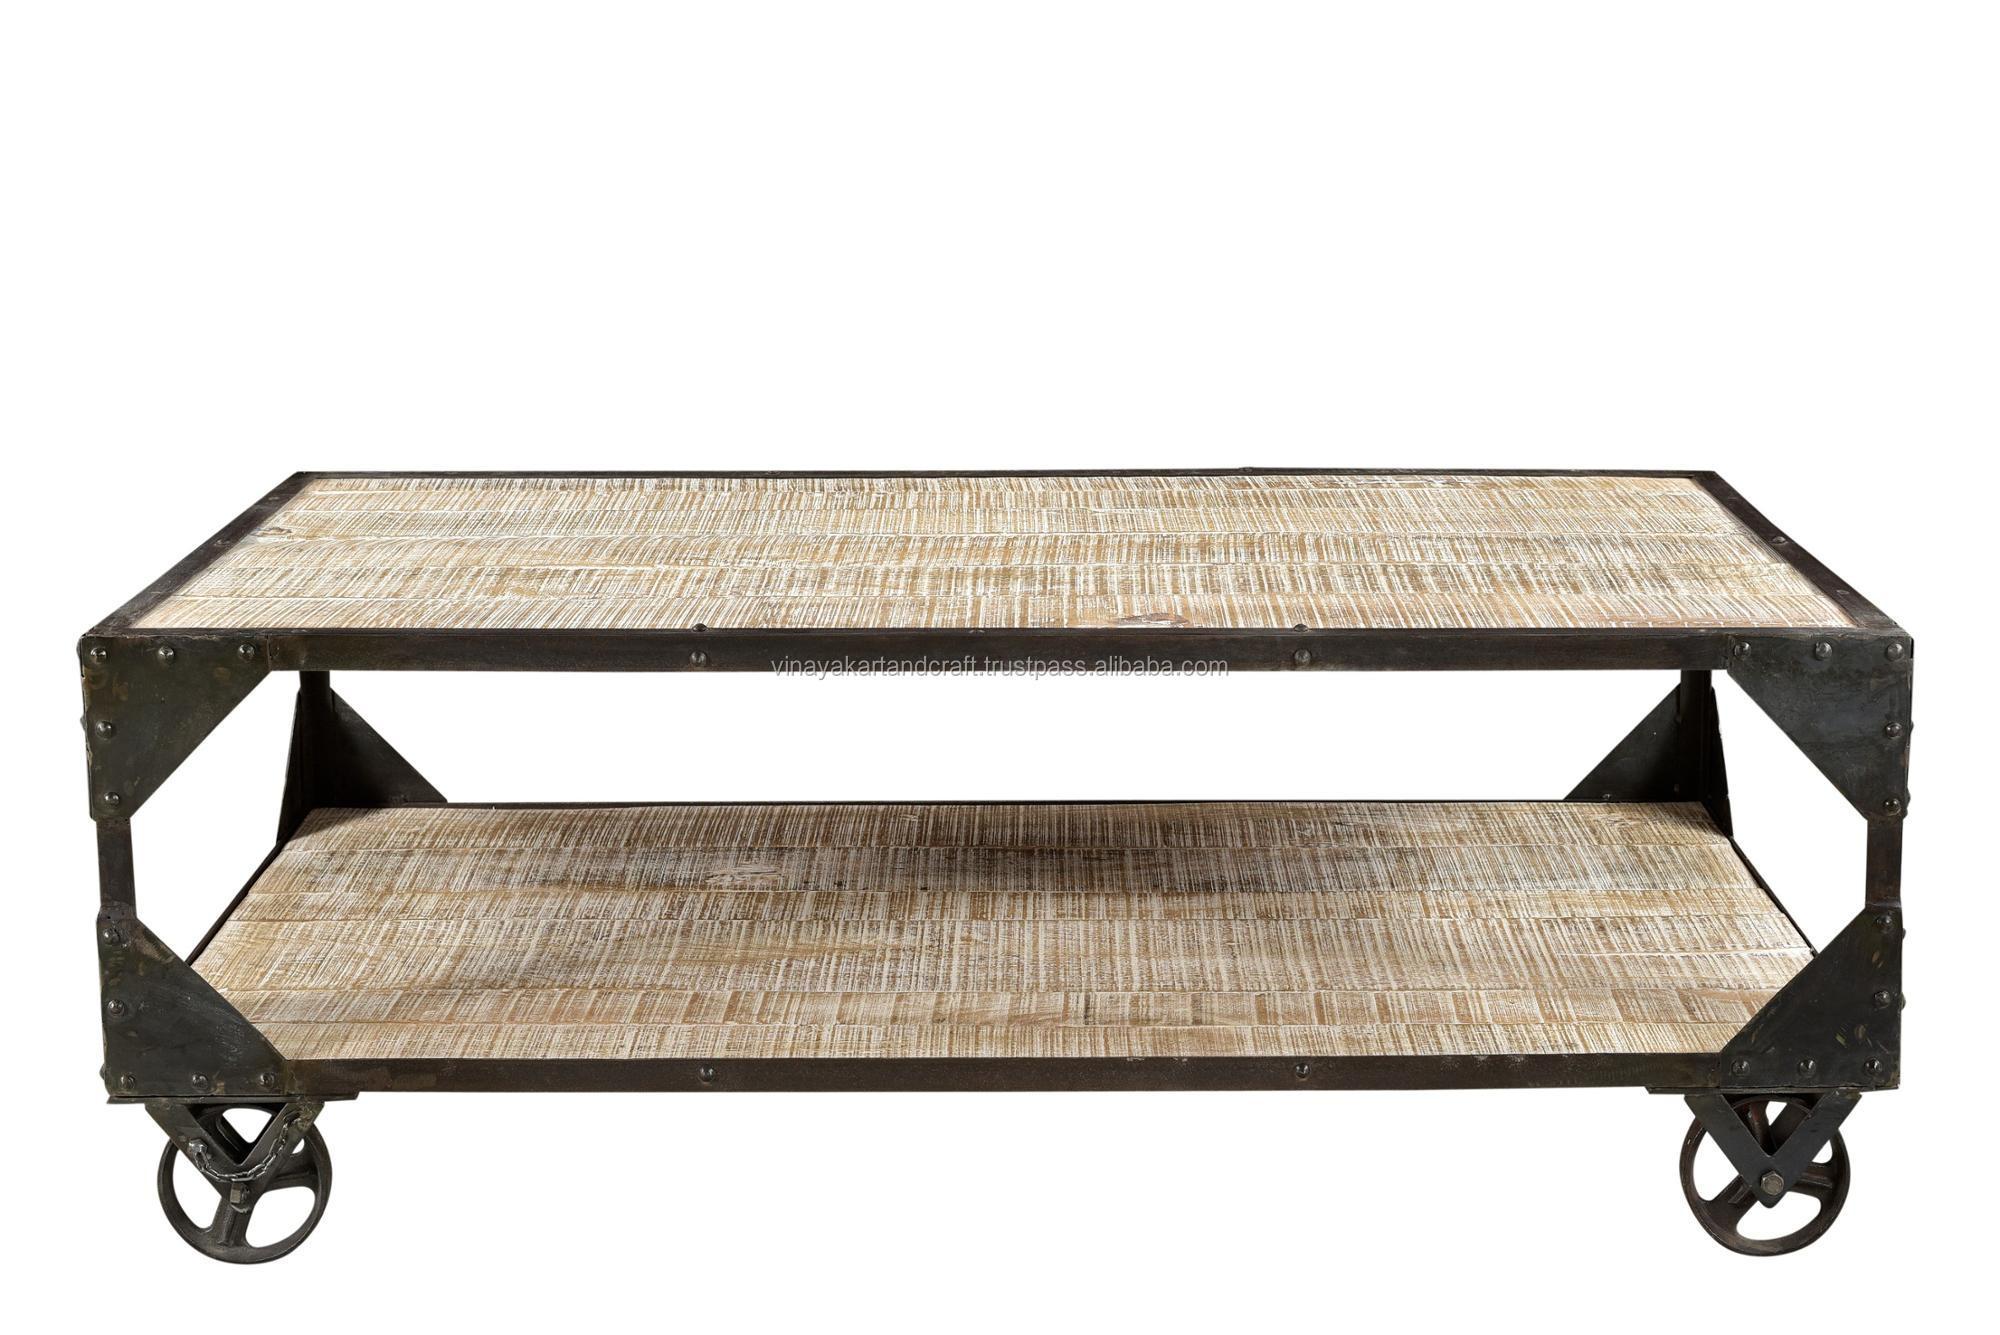 table basse vintage en fer et bois meuble industriel antique et rustique sur roulettes buy vintage industrial coffee table on wheels wooden iron